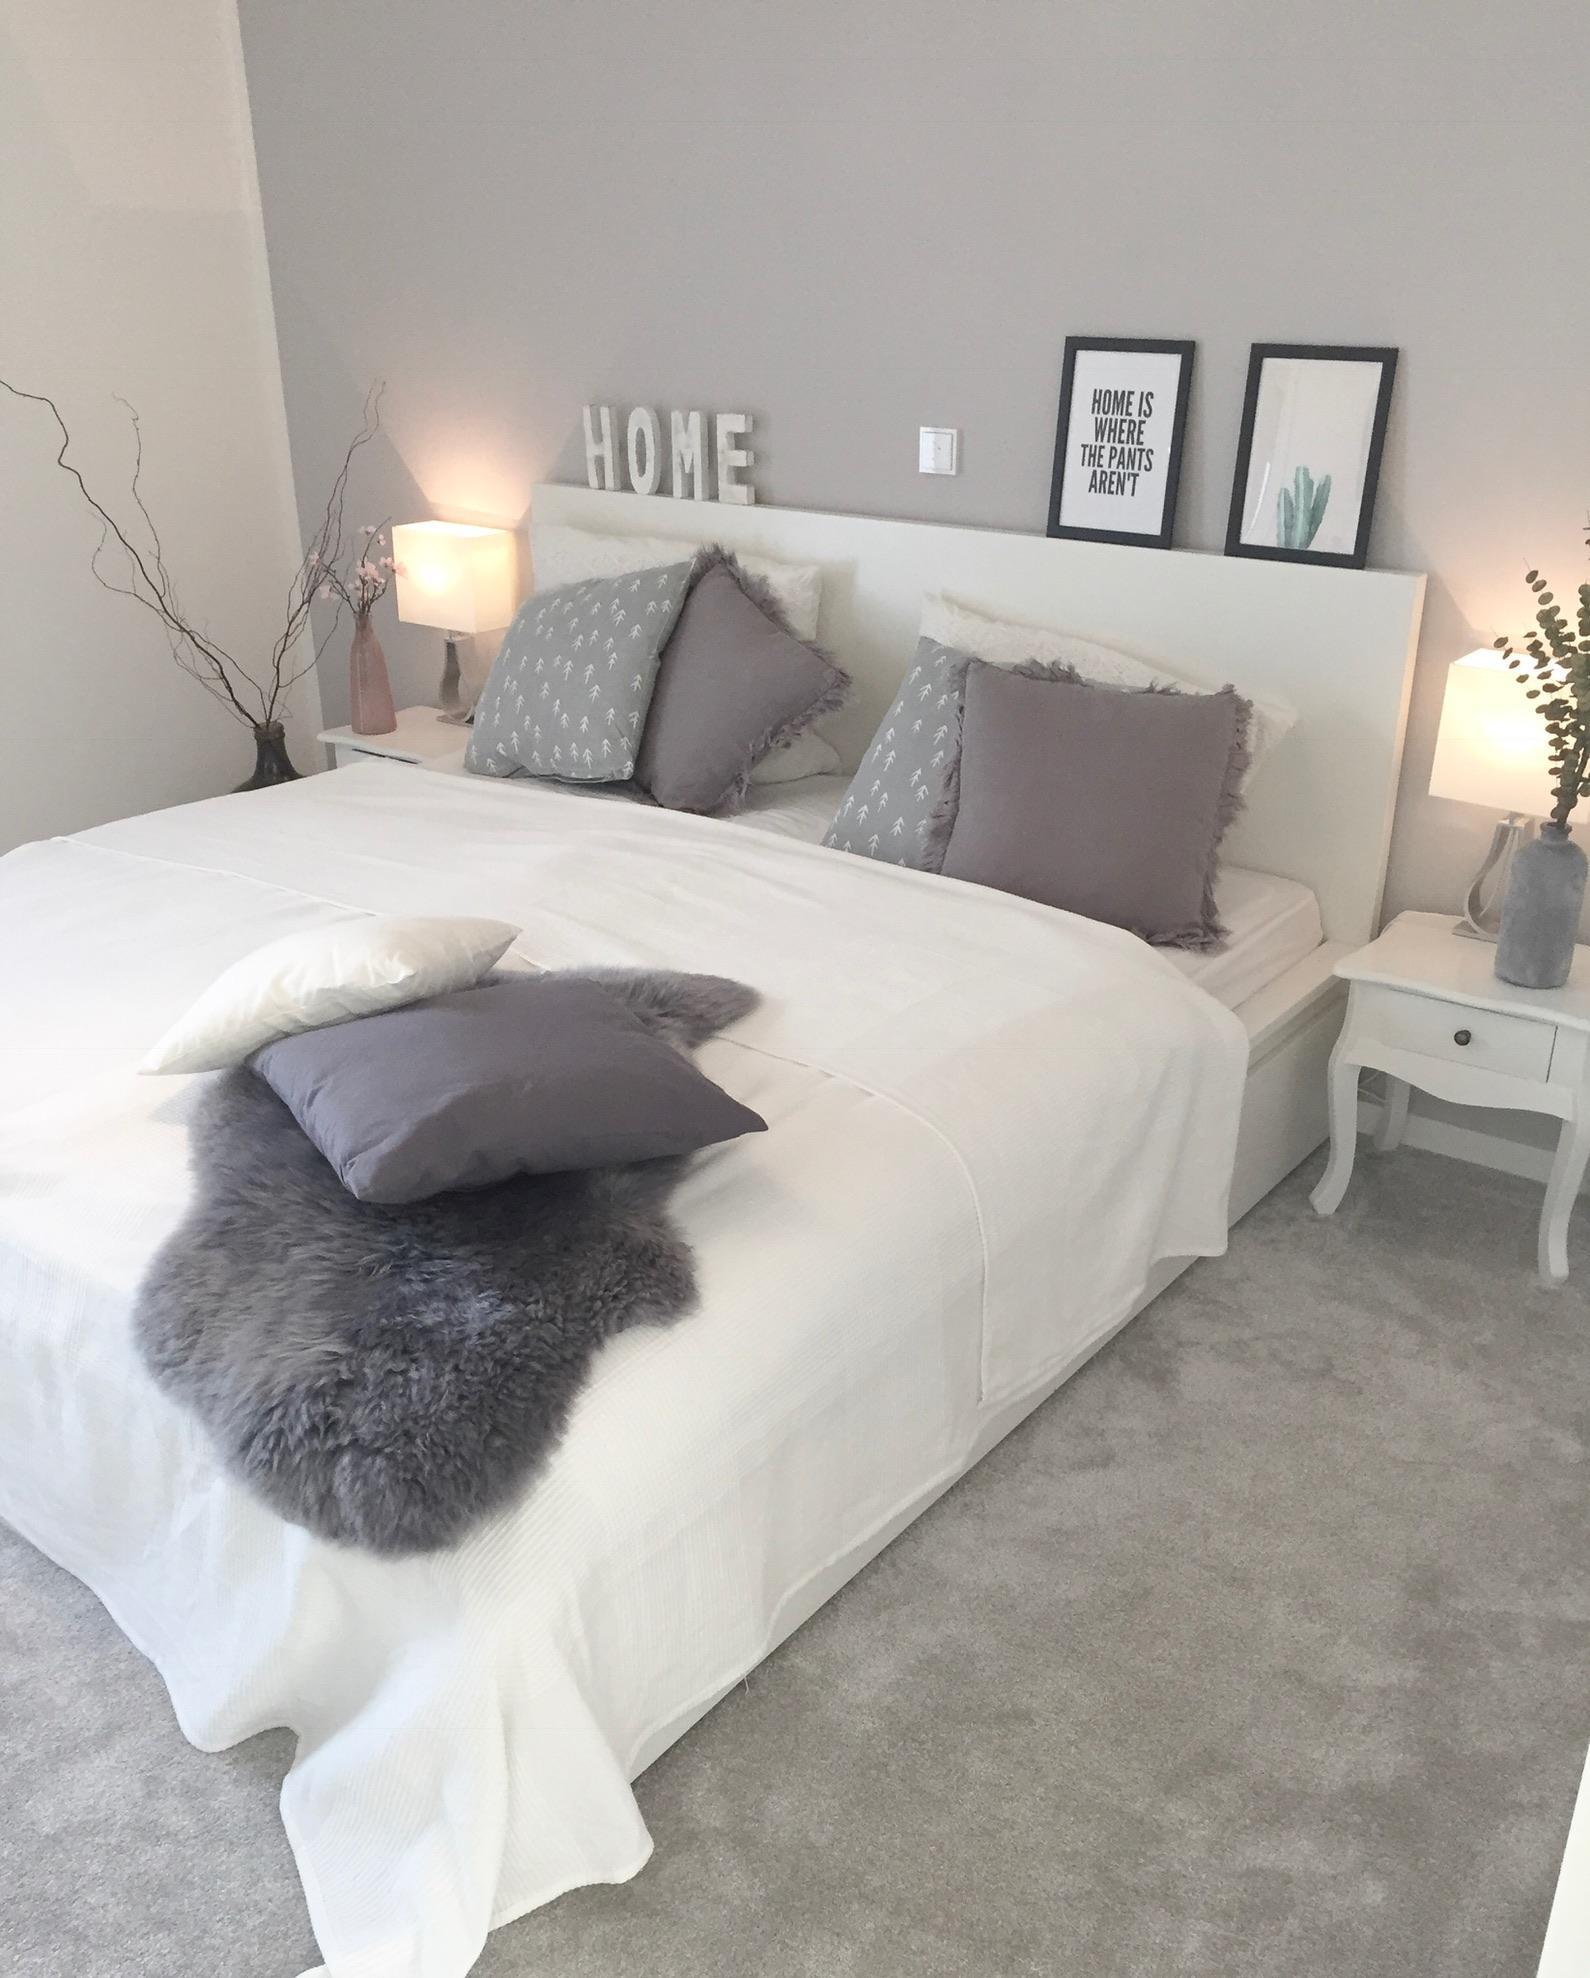 Neues aus dem #schlafzimmer #scandistyle #grautöne ....